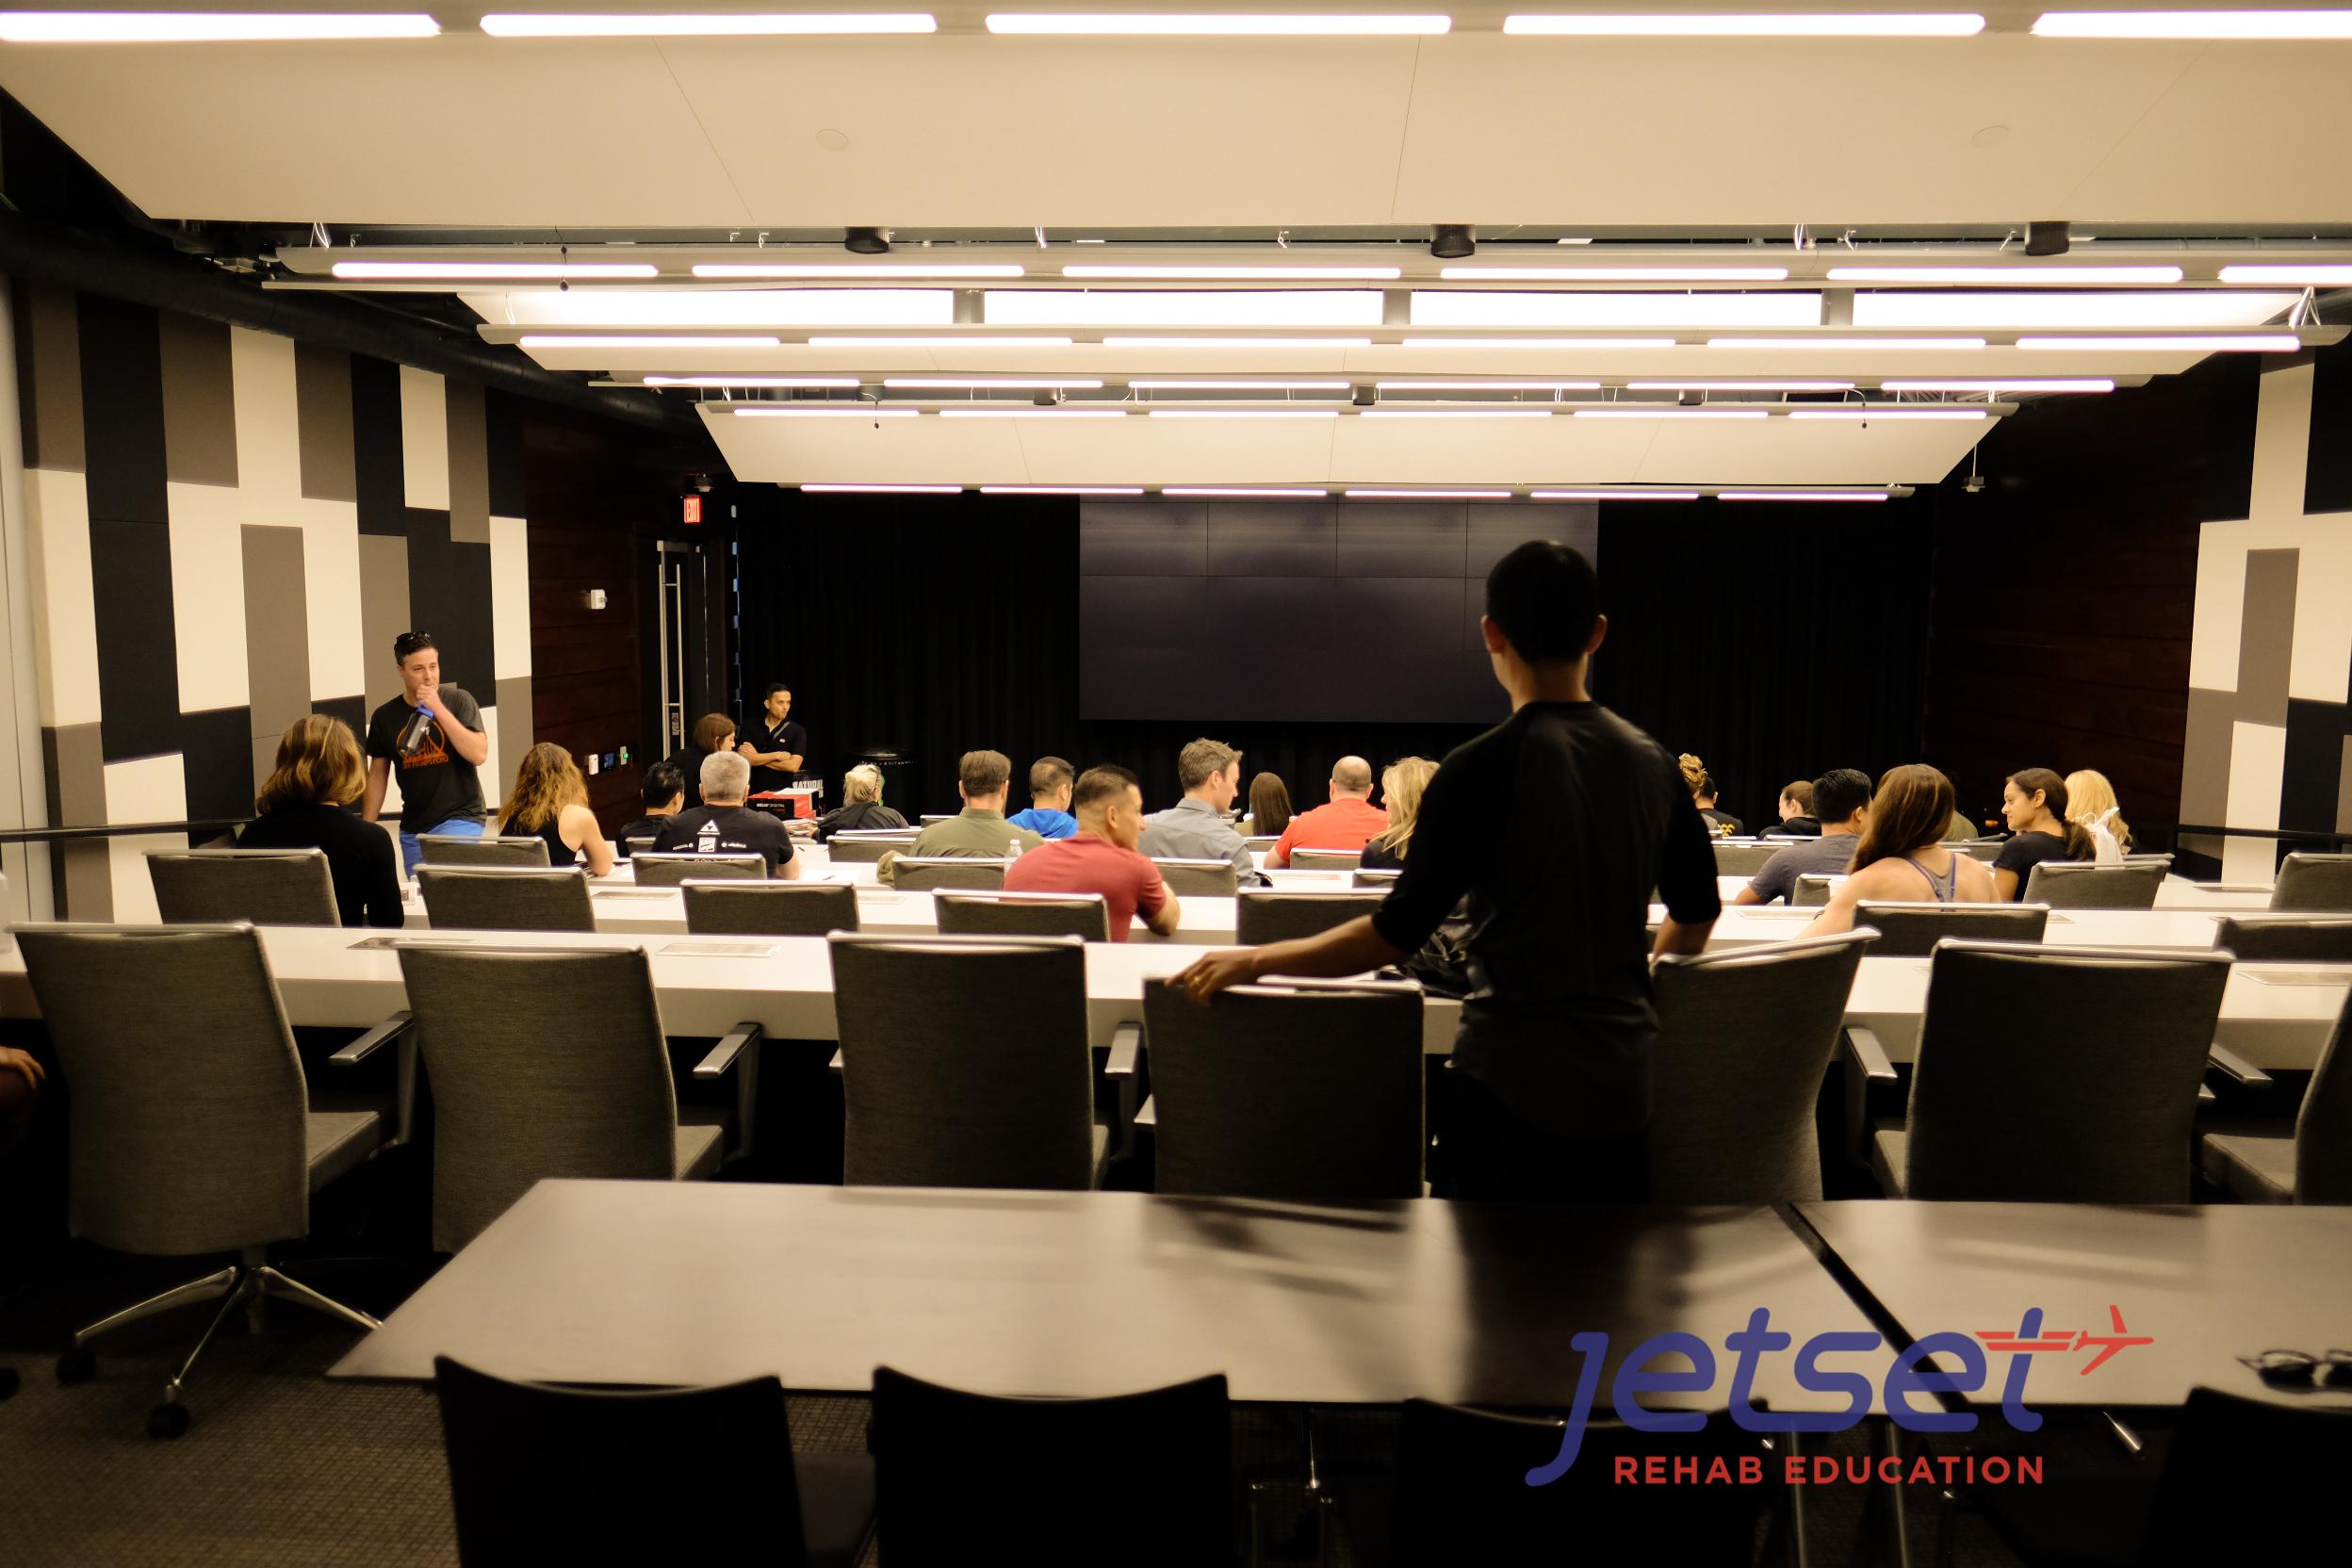 BFR sept 28 Jetset Rehab Education Vegas (24 of 272).jpg